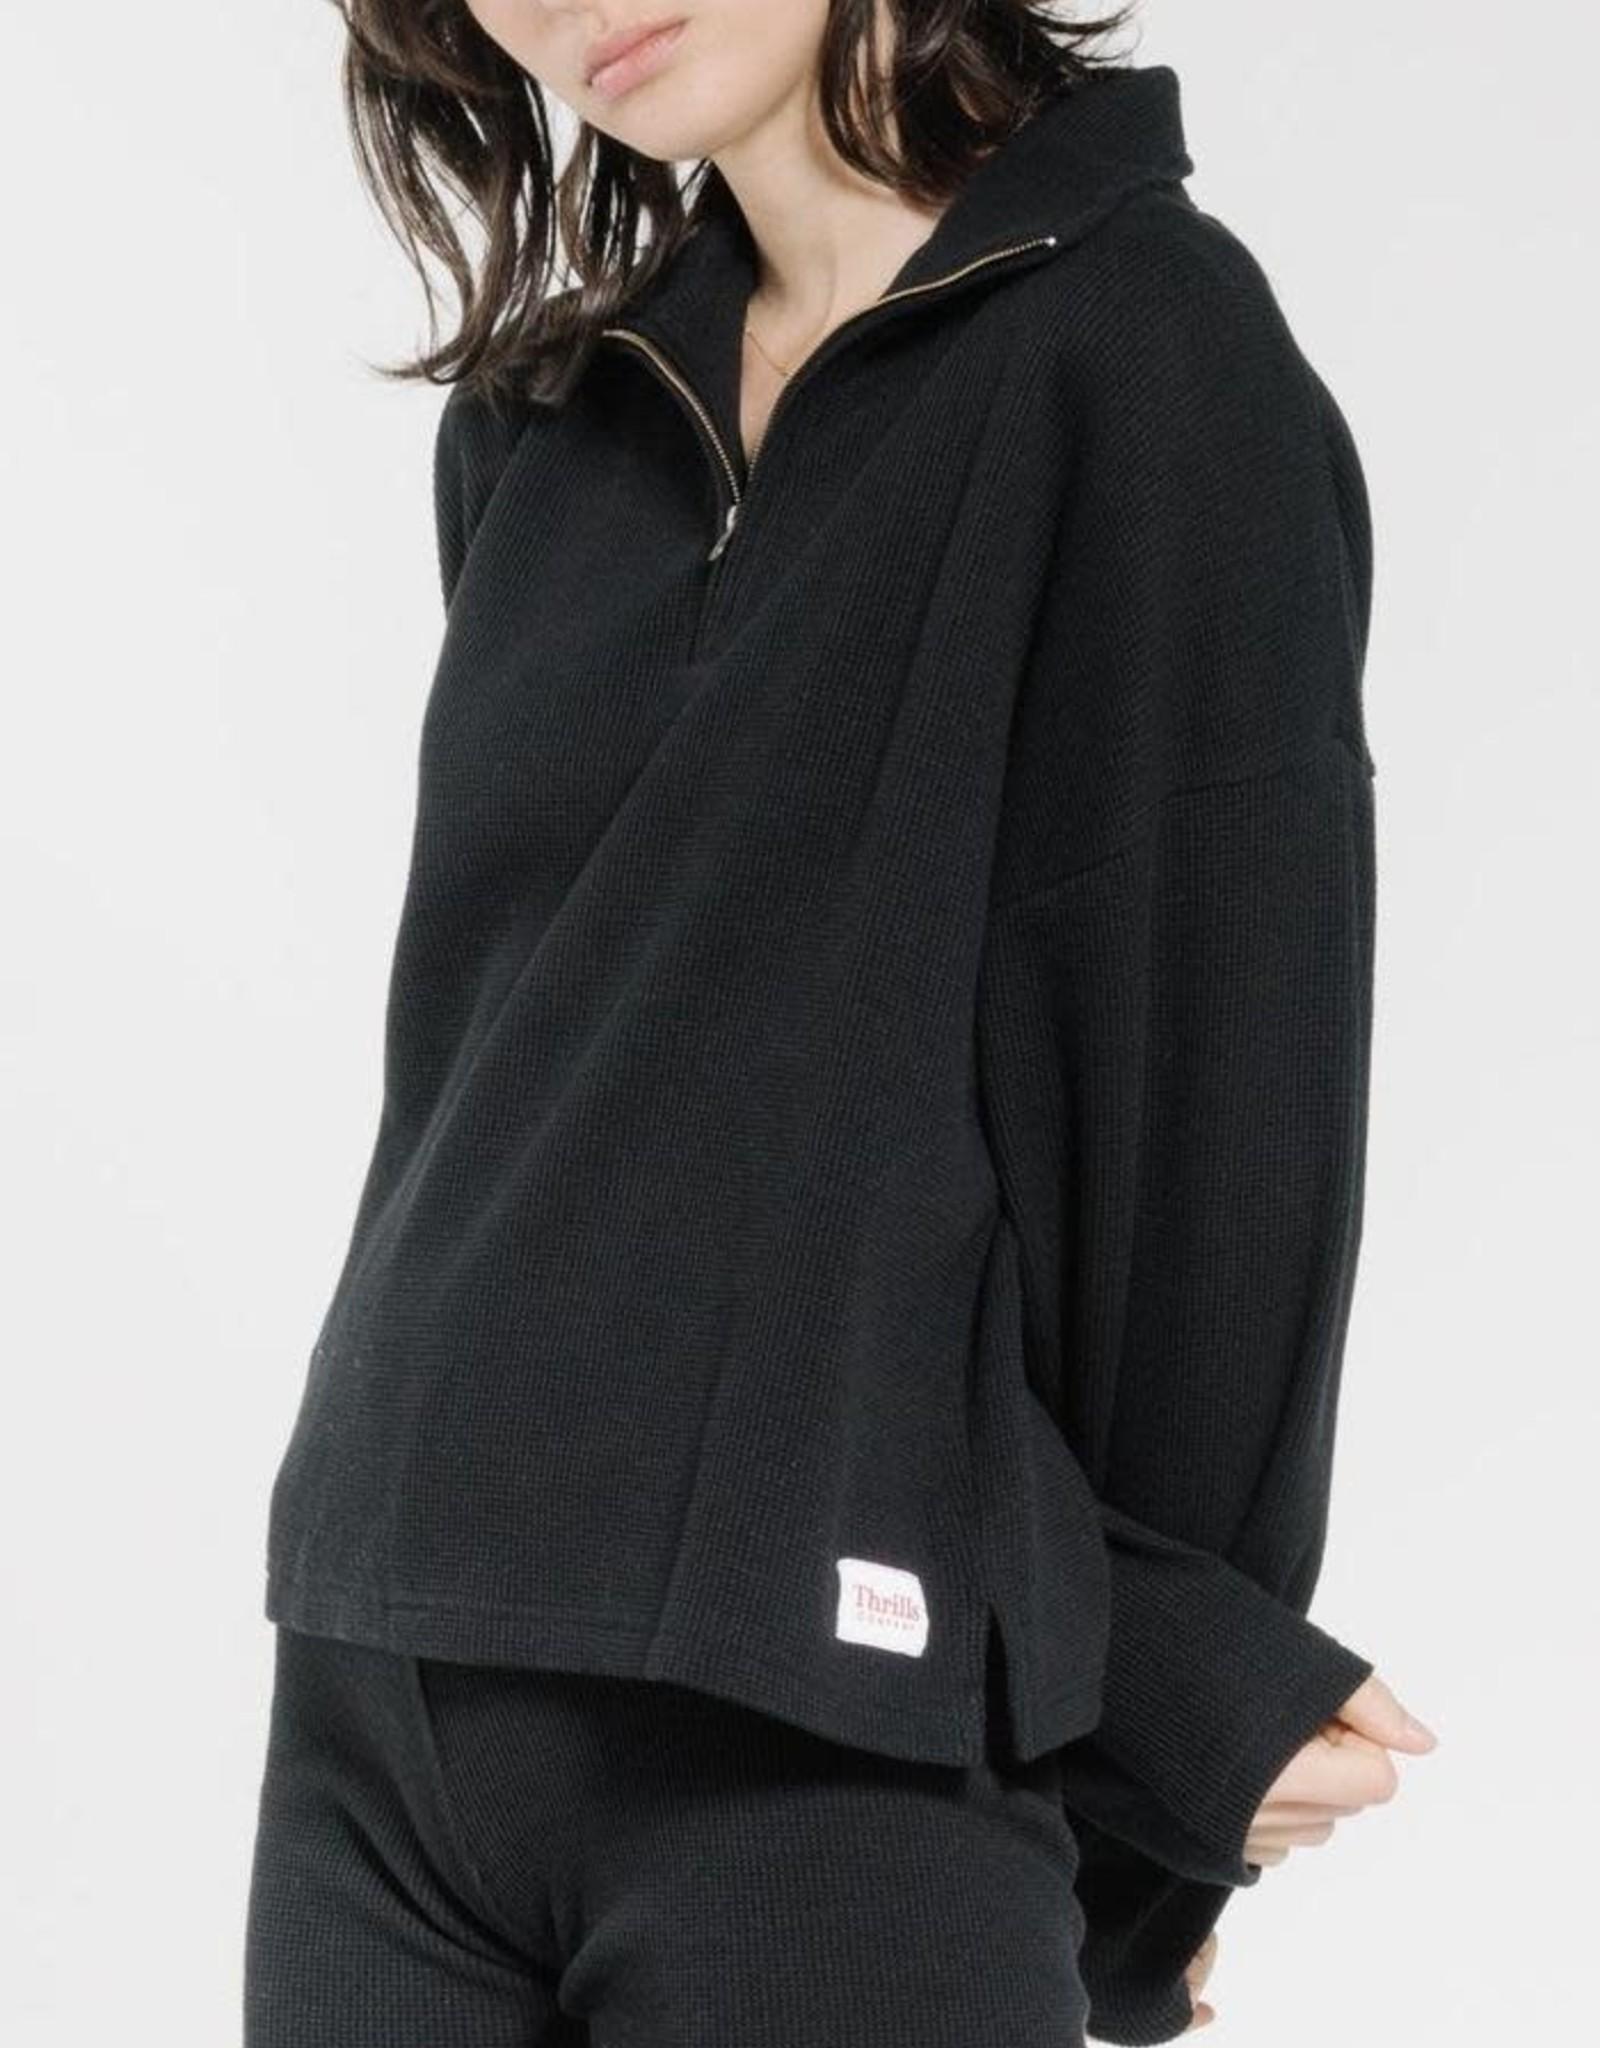 THRILLS Hiatus 3/4 Zip Pullover